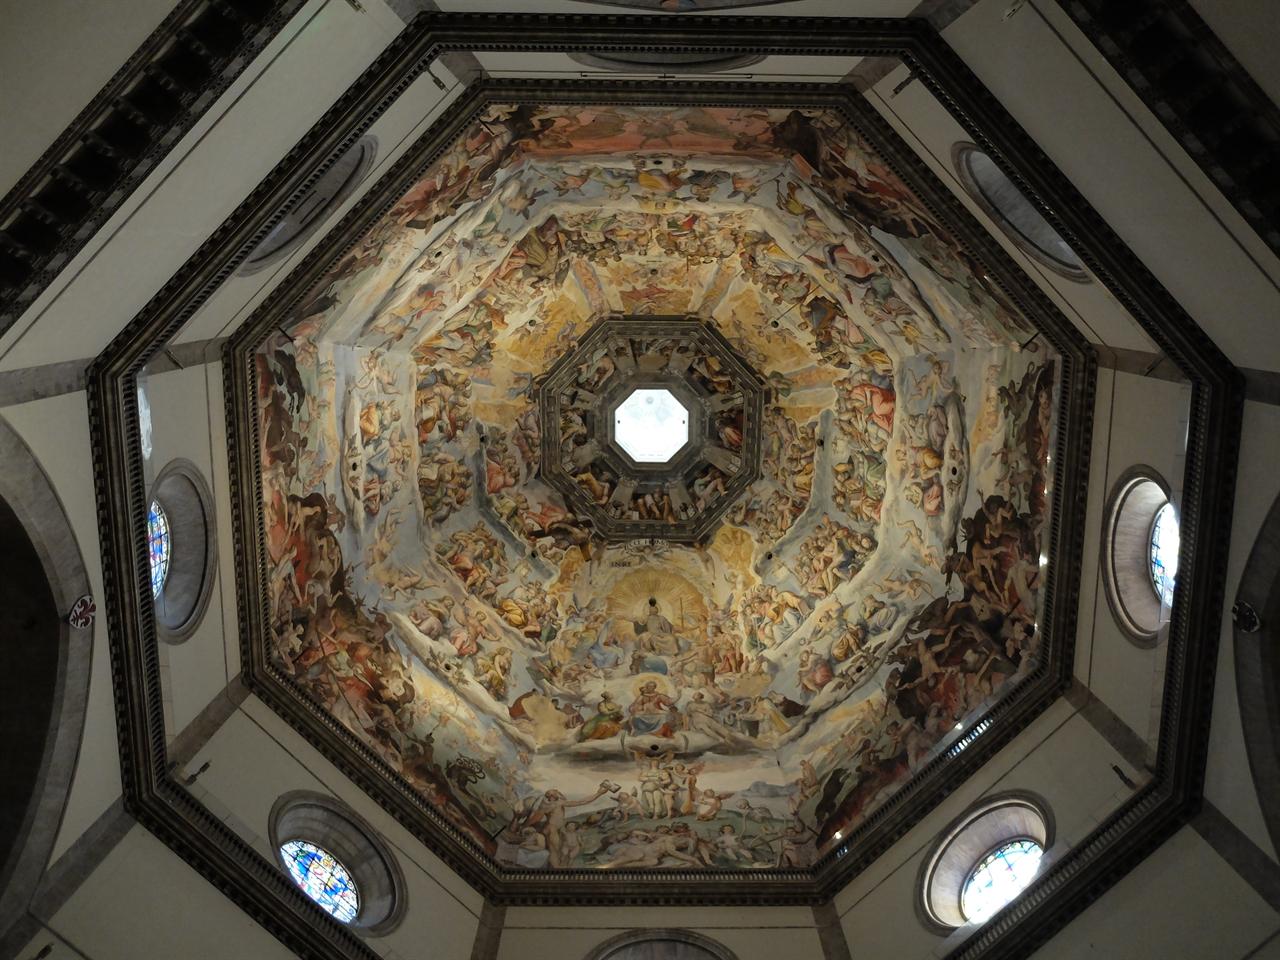 최후의 심판 2 조르조 바사리 '최후의 심판' 피렌체, 산타 마리아 델 피오레 성당. 쿠폴라 내부 천장화.